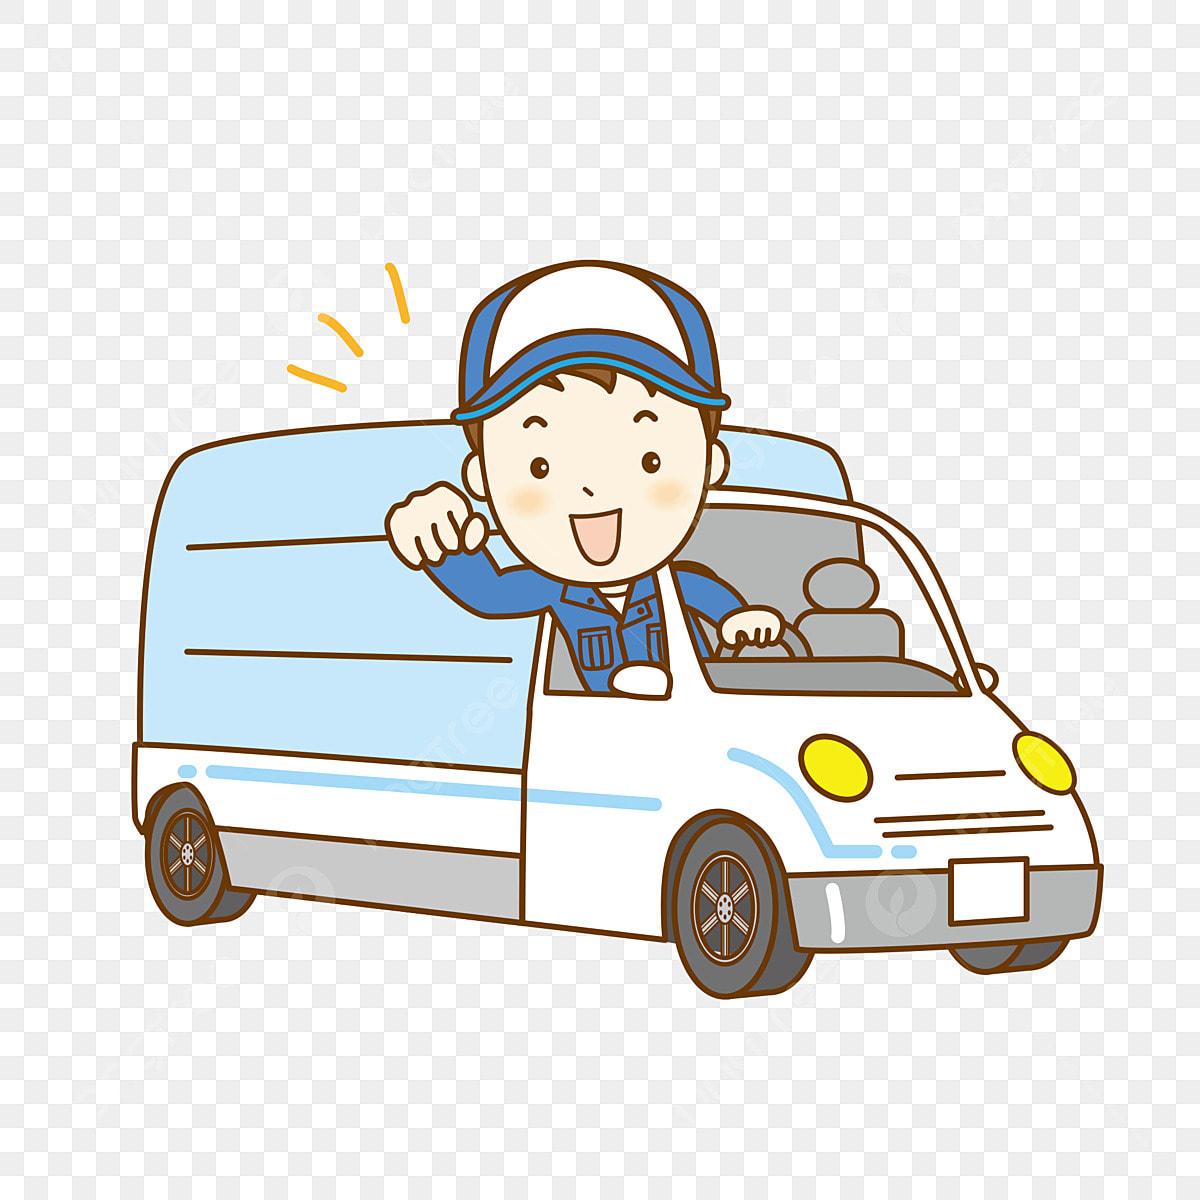 Gambar Kereta Versi Kartun Gambar Pemandu Lori Kereta Kartun Kereta Bahan Pemandu Unsur Unsur Png Dan Vektor Untuk Muat Turun Percuma